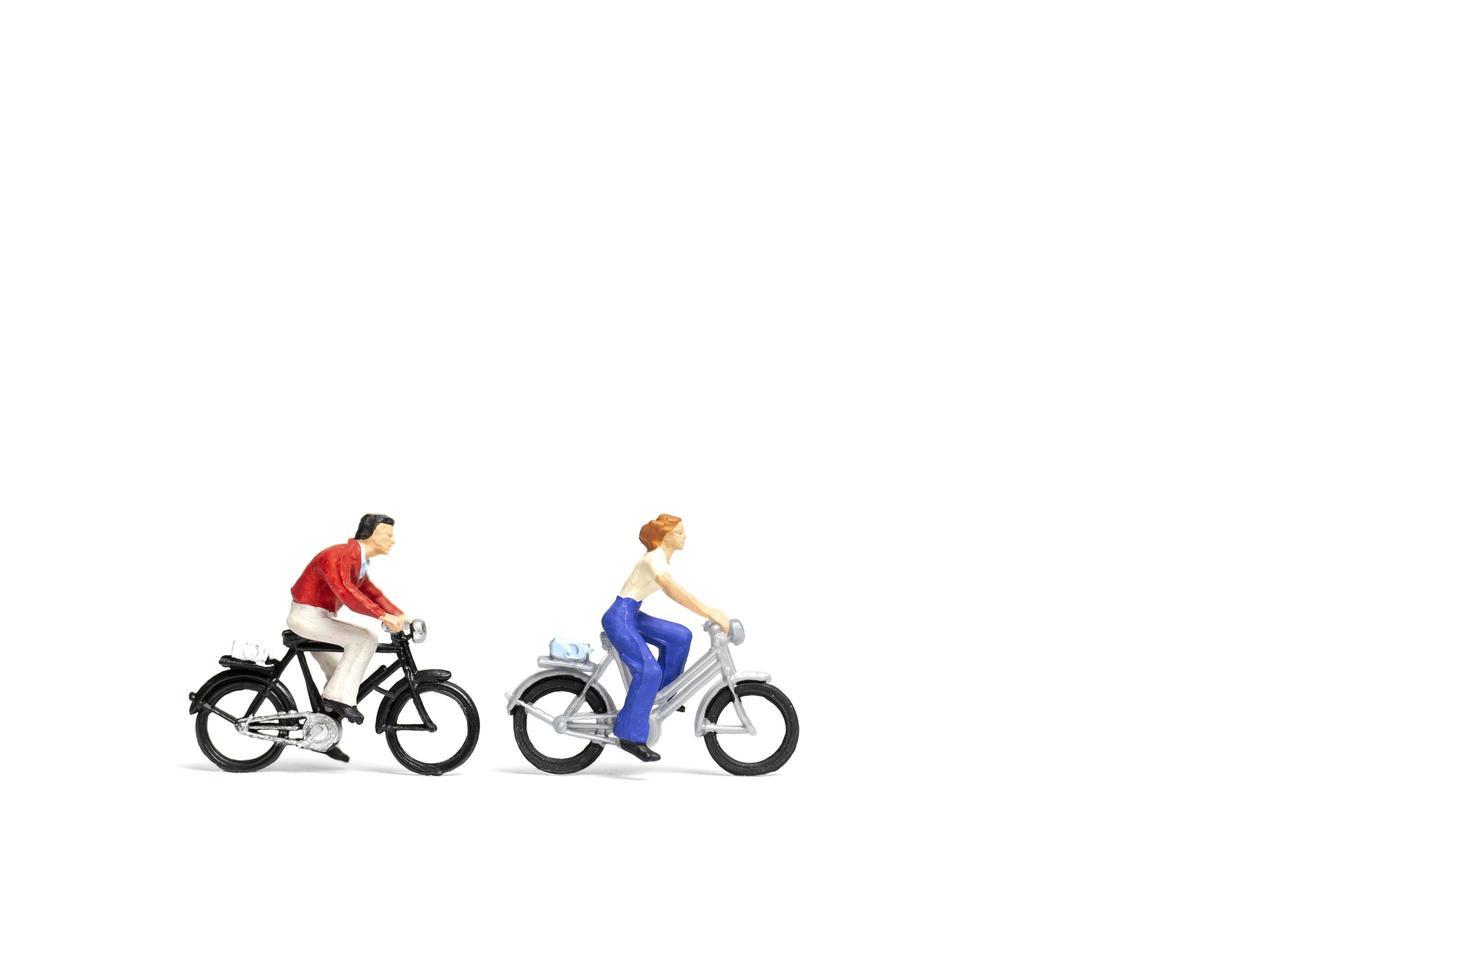 Pareja en miniatura en bicicleta sobre un fondo blanco, el concepto del día de San Valentín foto